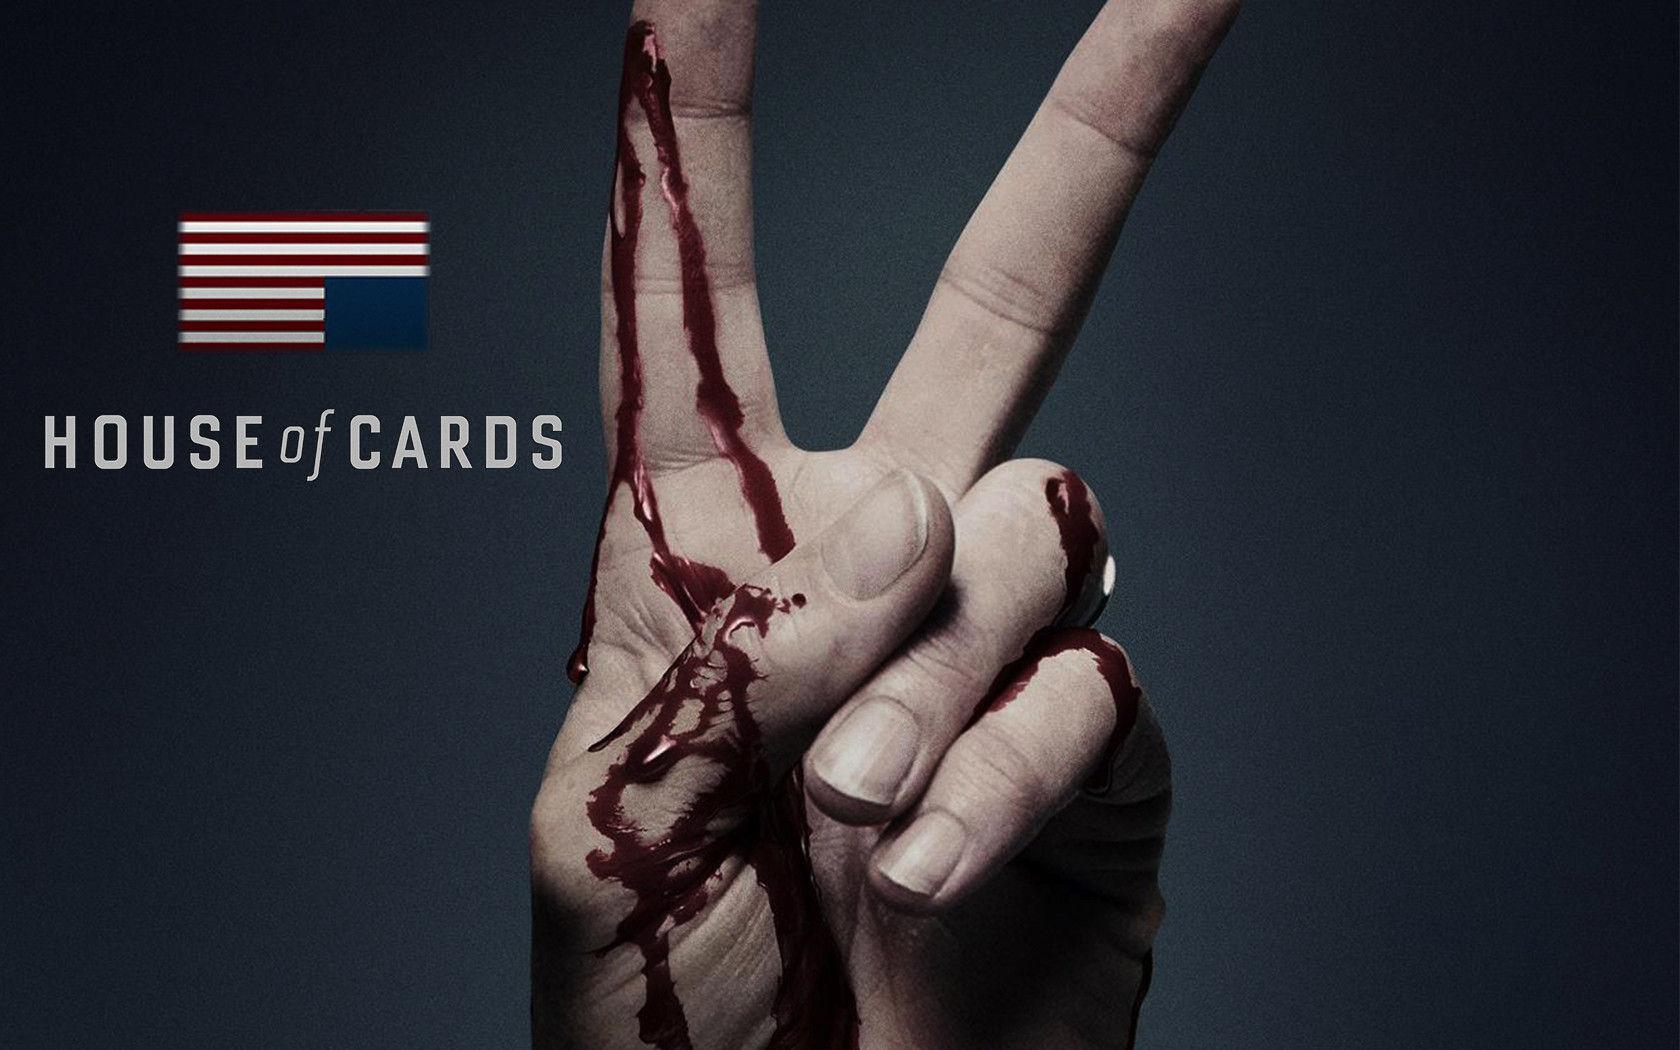 Si tu jefe te pide que hagas algo terrible, ¿eres capaz de mancharte las manos de sangre?